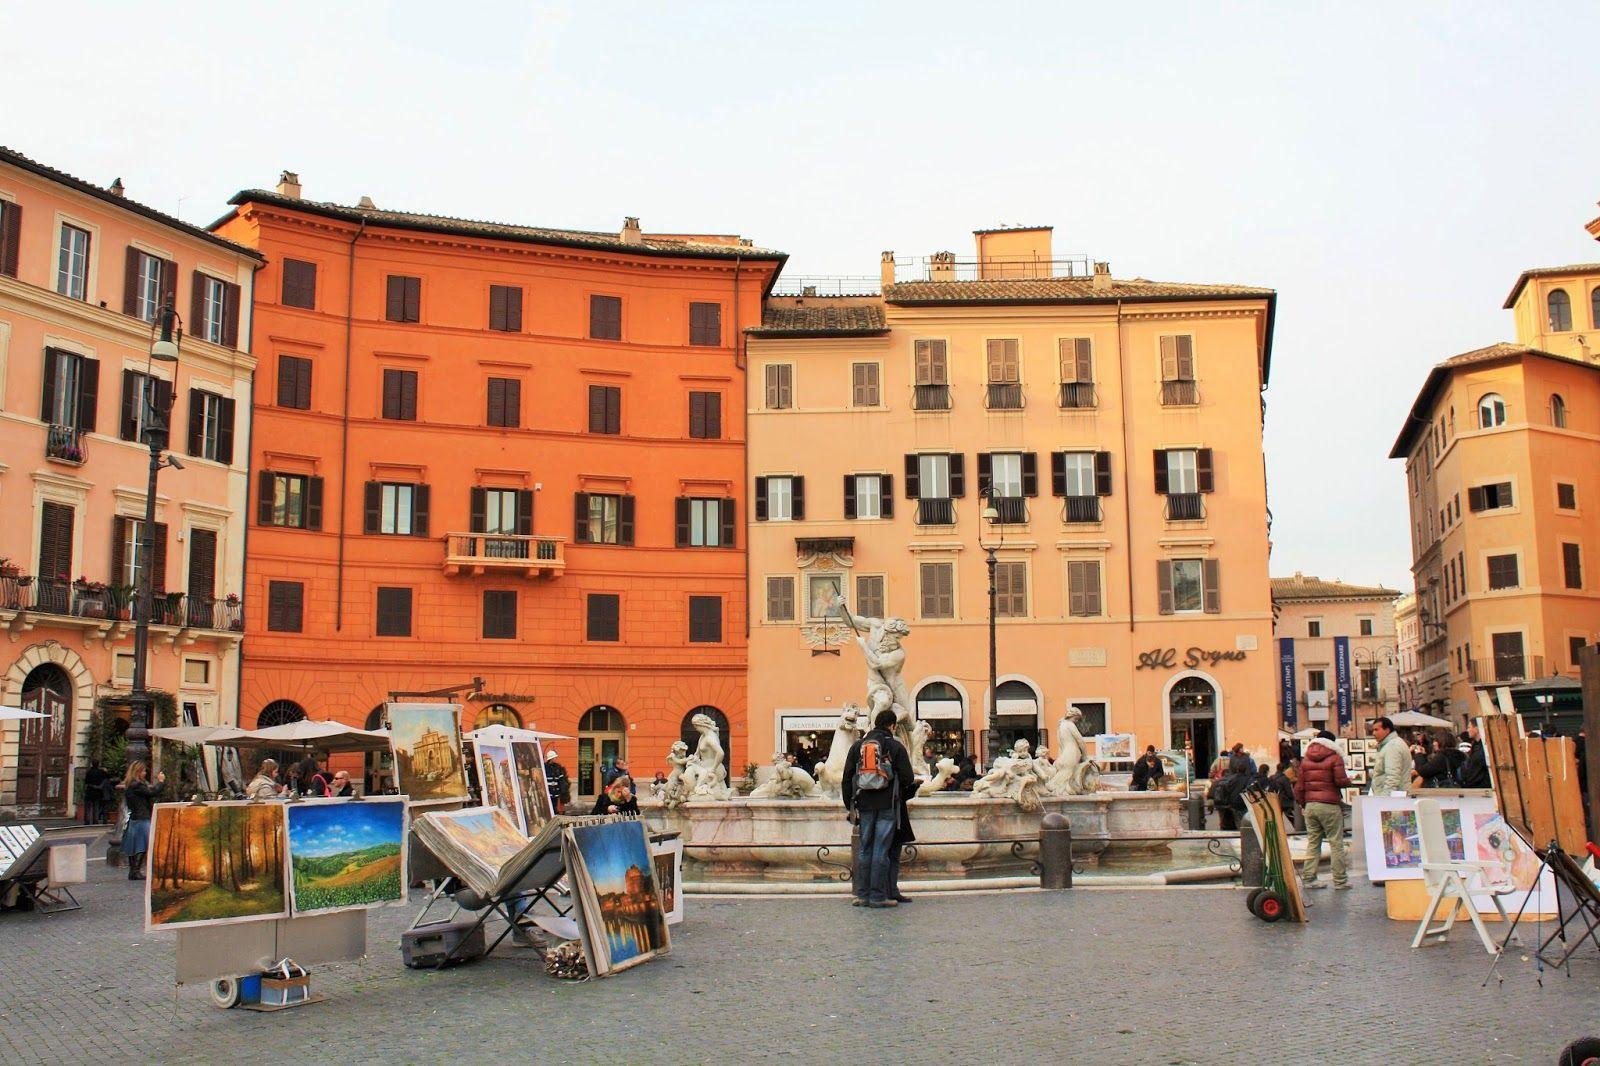 #ROME, LA VILLE ETERNELLE #italie #europe #travel #voyage